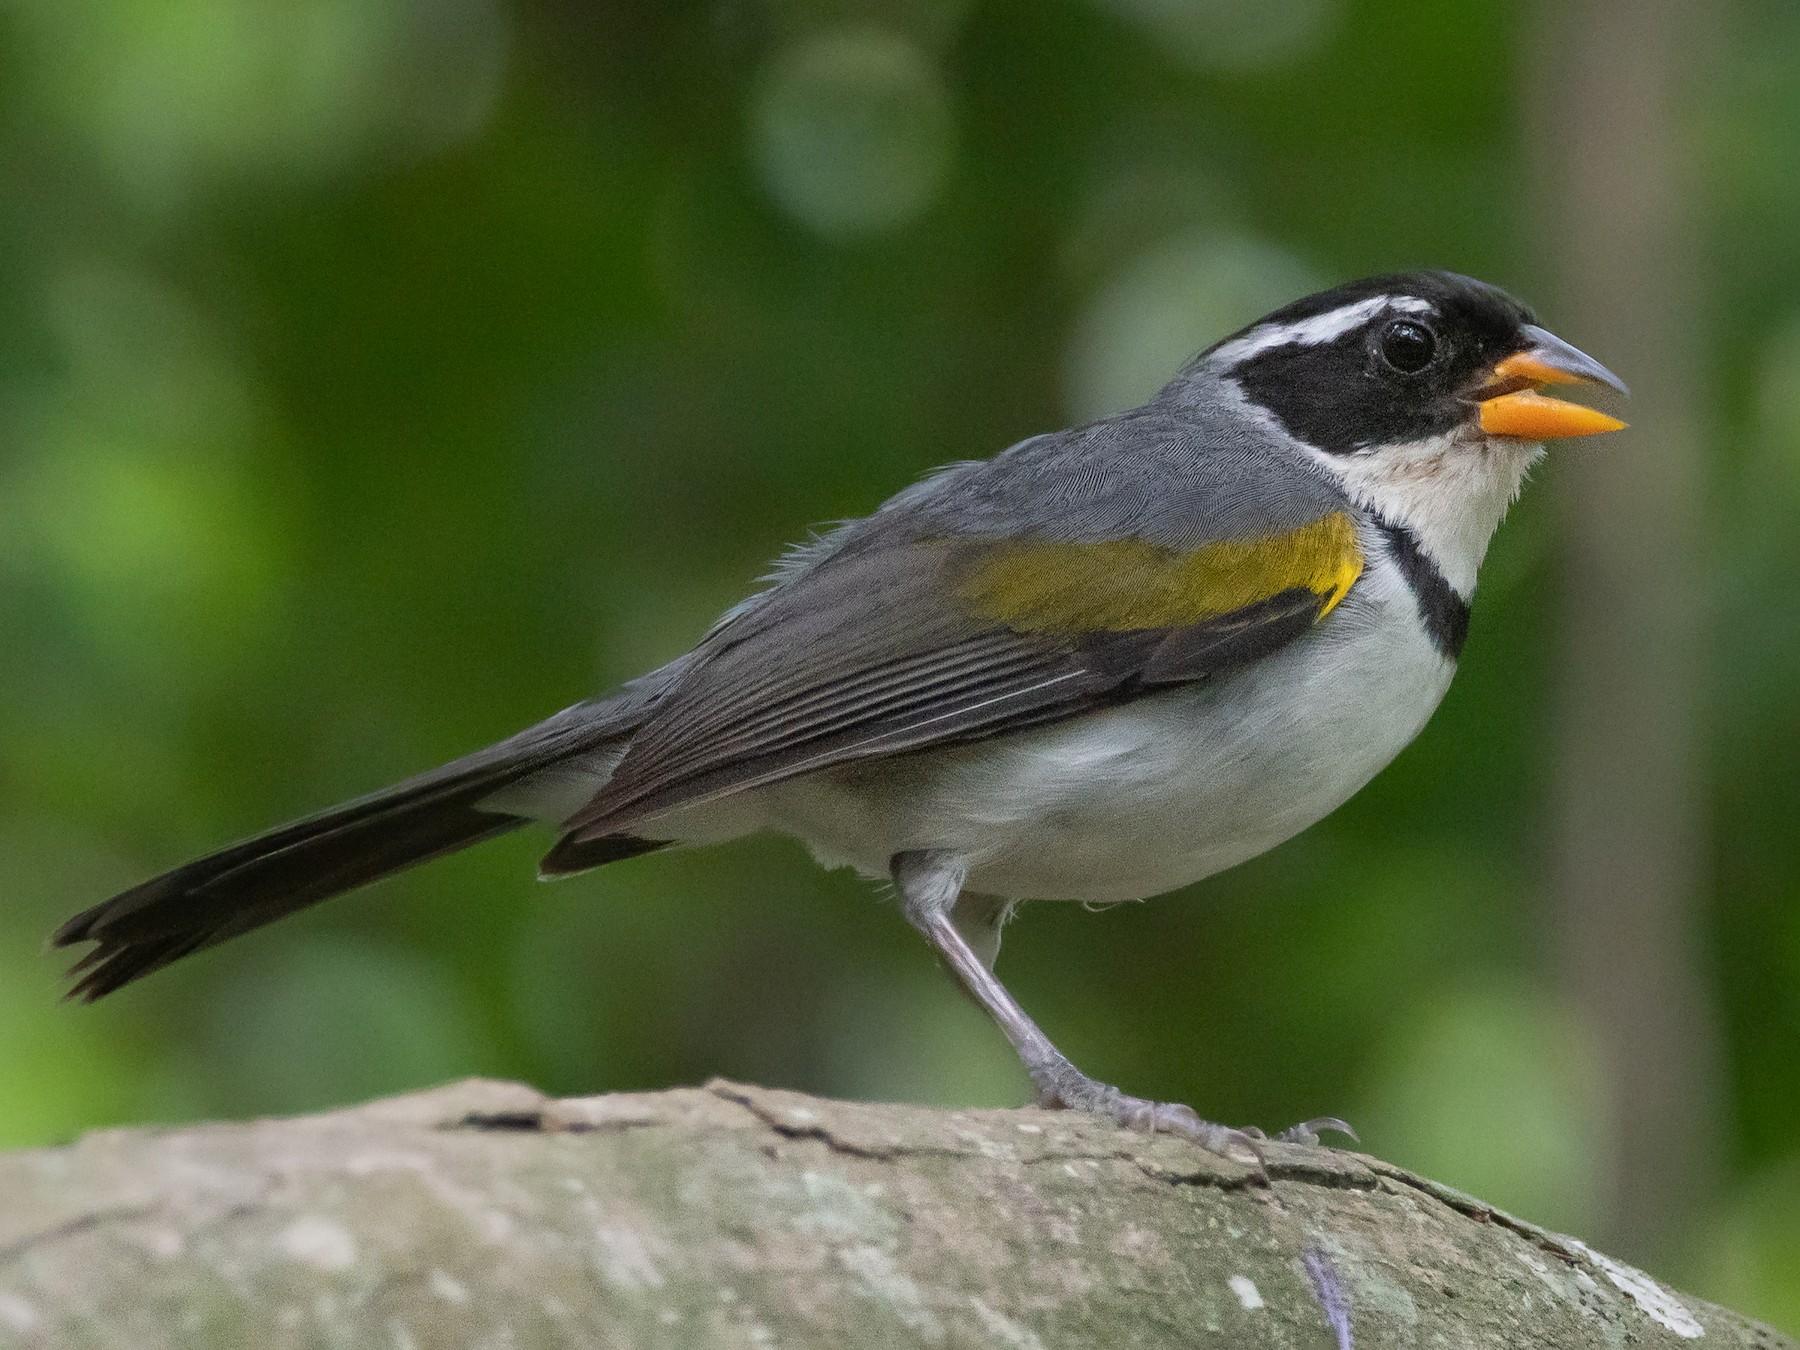 Saffron-billed Sparrow - Pablo Re